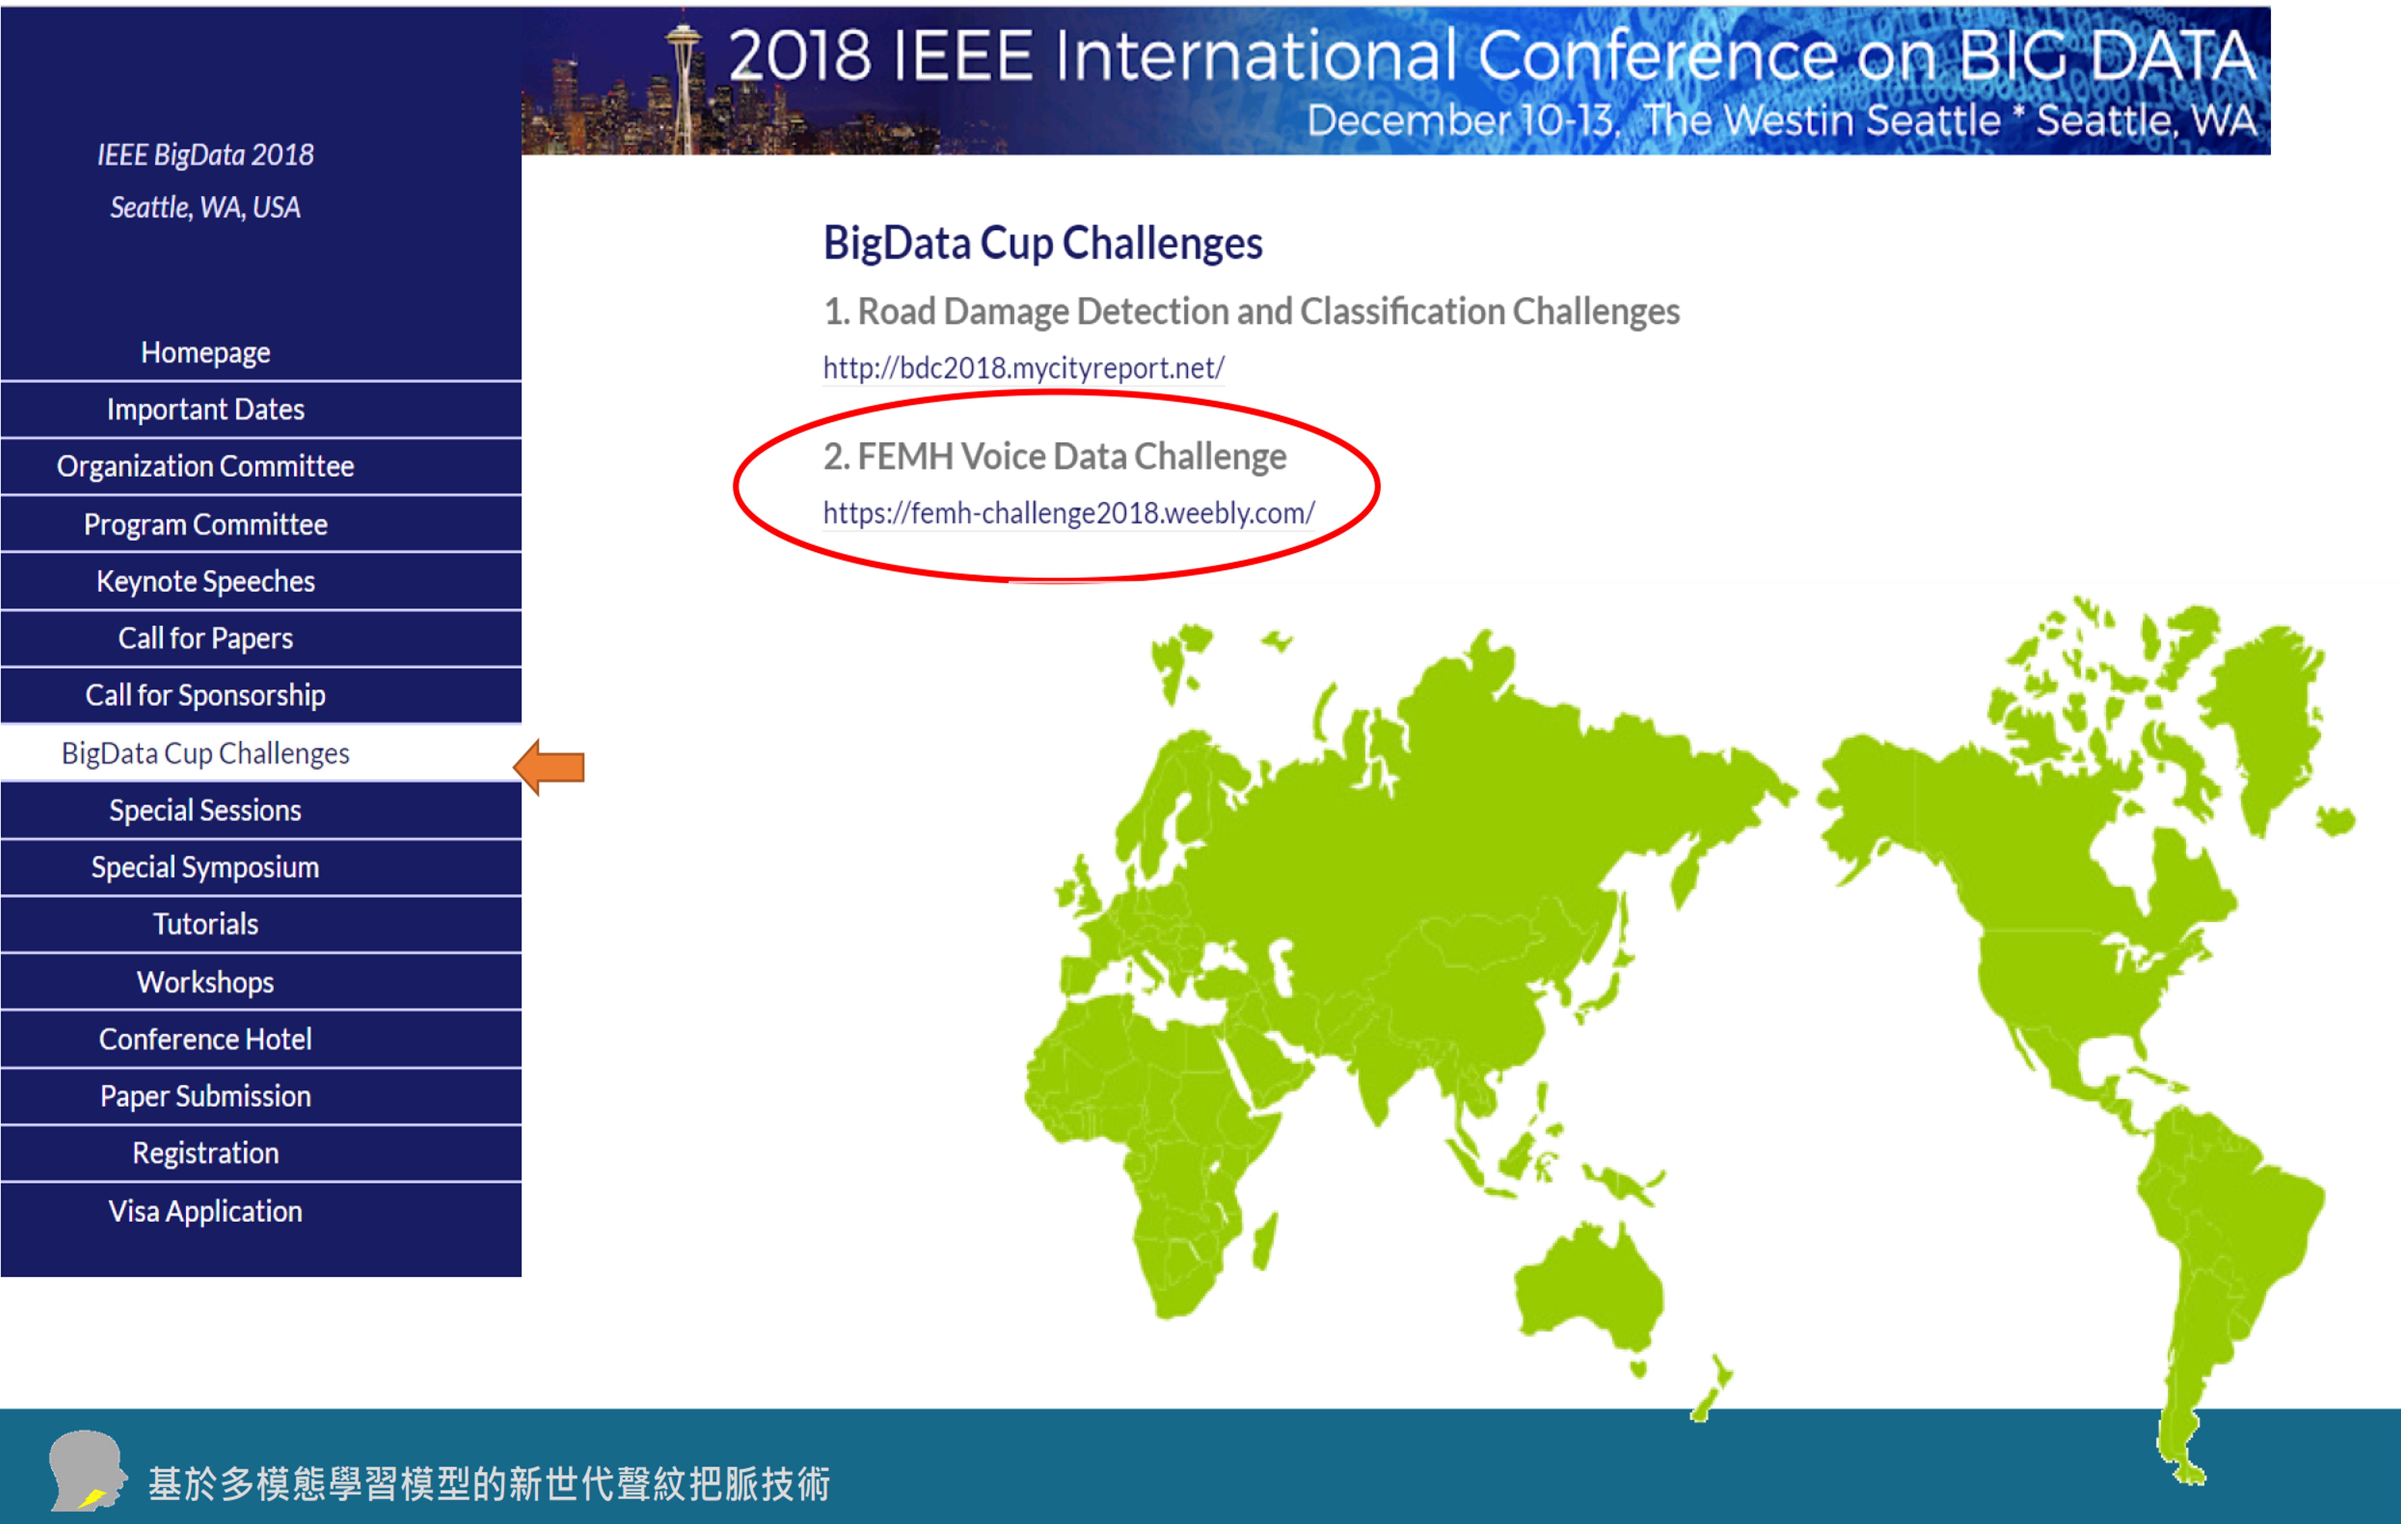 2018於醫學工程之頂尖會議IEEE International Conference on Big Data主辦國際競賽 Big Data Cup Challenge。此會議是美國電子電機協會中大數據領域的旗艦型國際會議,具有極高的國際聲望。2018年本團隊提出之病理嗓音偵測競賽 (FEMH Voice Disorder Detection Competition)是全球第一個病理嗓音偵測的公開競賽,所使用的亞東醫院嗓音資料庫是目前亞洲唯一的嗓音公開資料庫,更是全球唯一一個具有醫師與語言治療師完整標記症狀與癥候的資料庫,因此在該領域造成極大的迴響。2019年度再次獲得主辦單位邀請,連續第二年舉辦嗓音偵測與分類之國際競賽,證實我們的研究團隊在該領域已具規模與國際領先地位,為團隊合作的最具代表性成果之一。